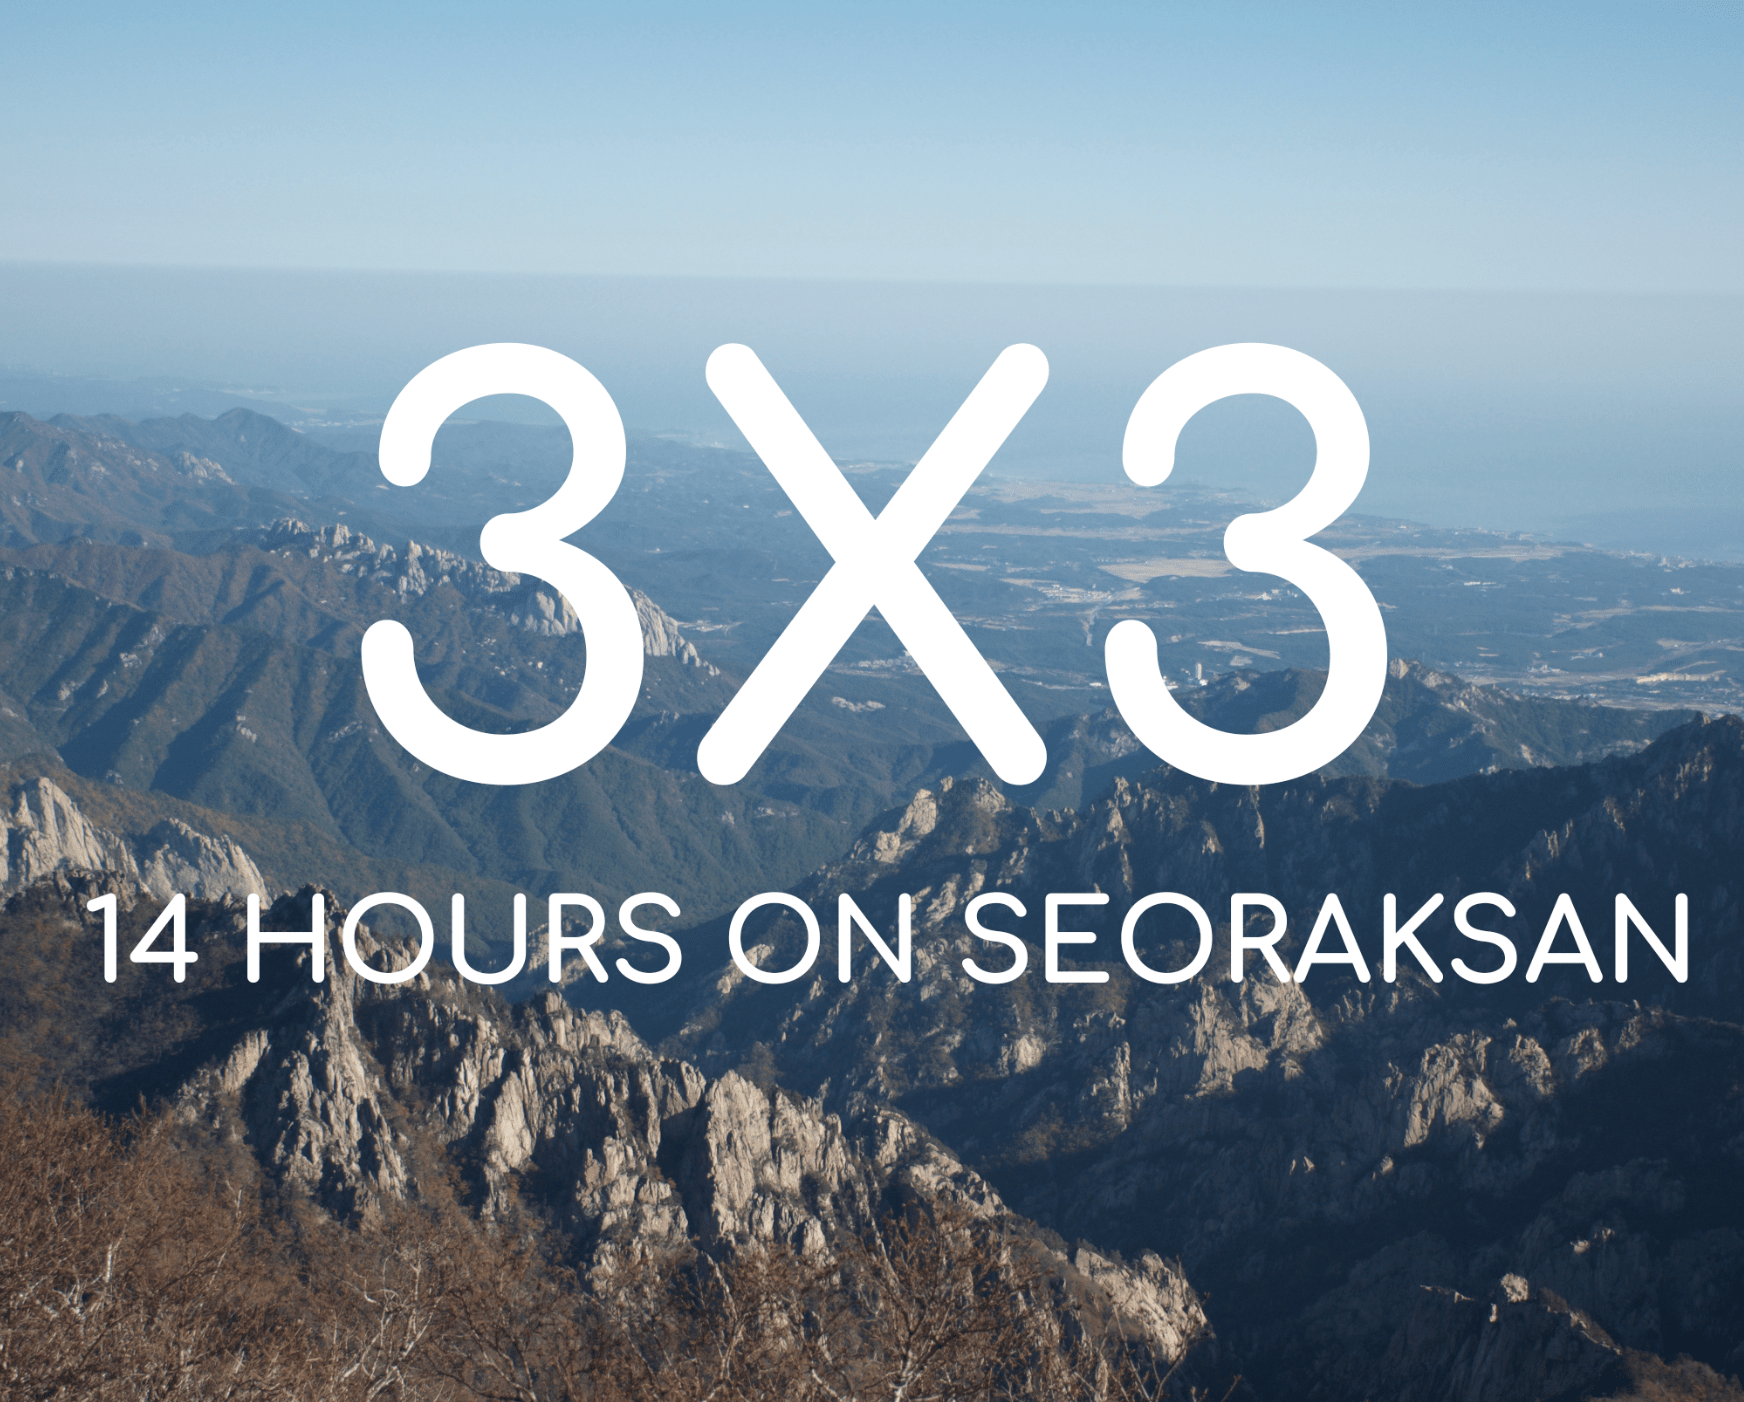 3X3 Hike on Seoraksan